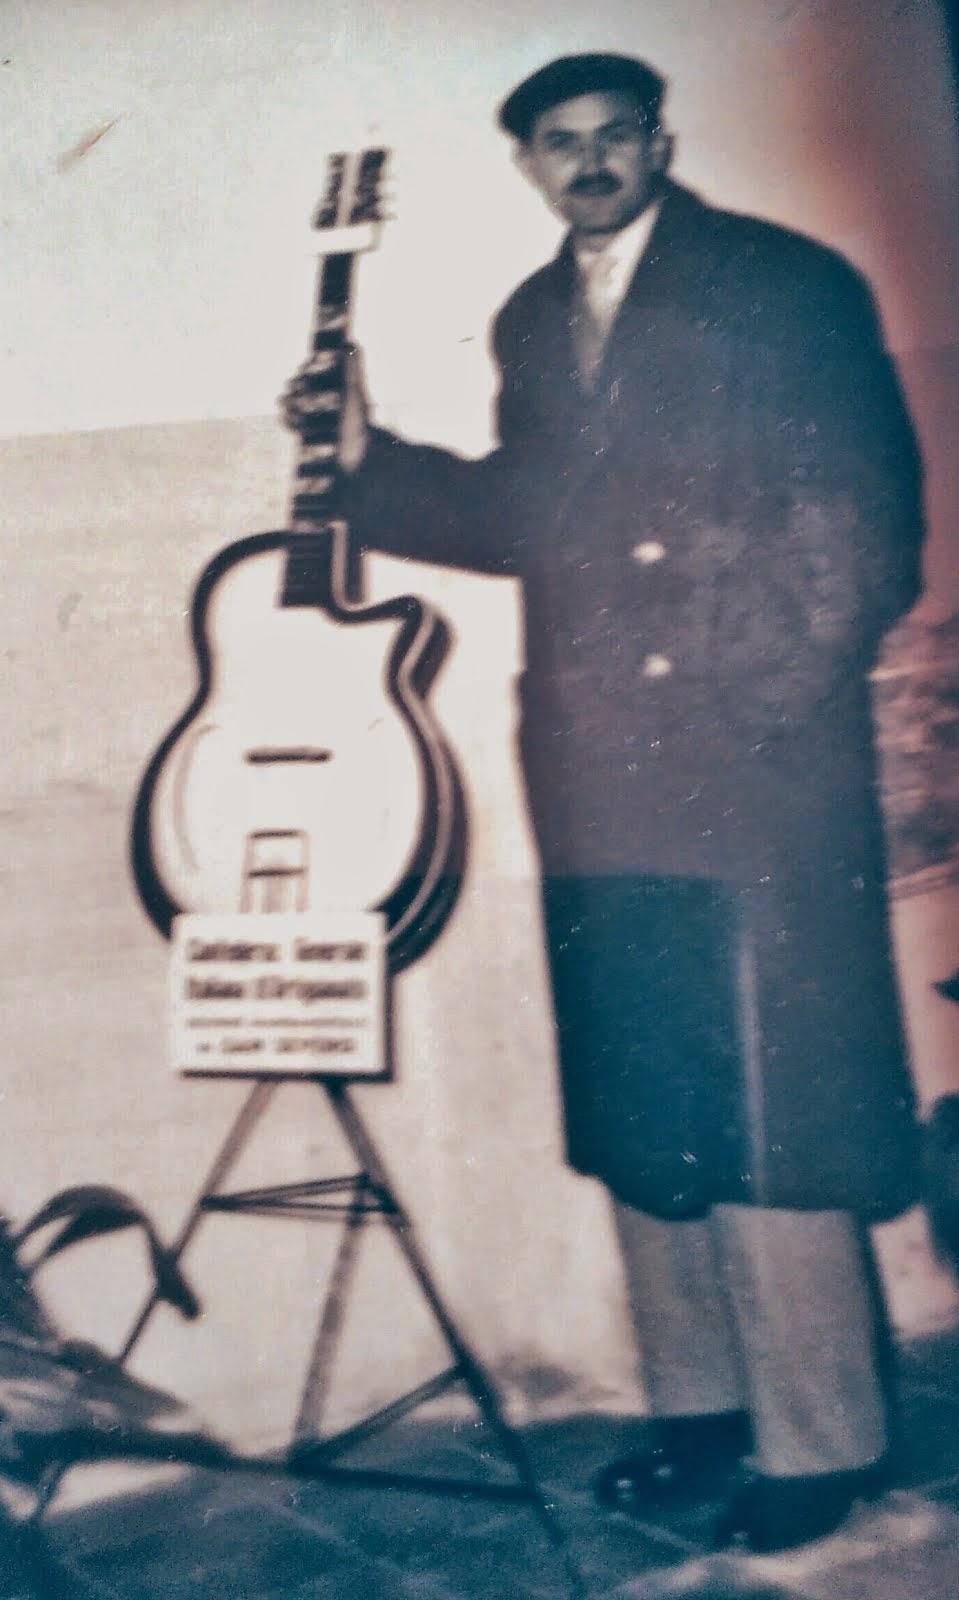 Anni 50. Papà e una delle tante chitarre da lui costruite. Medaglia d'oro, all'artista!!